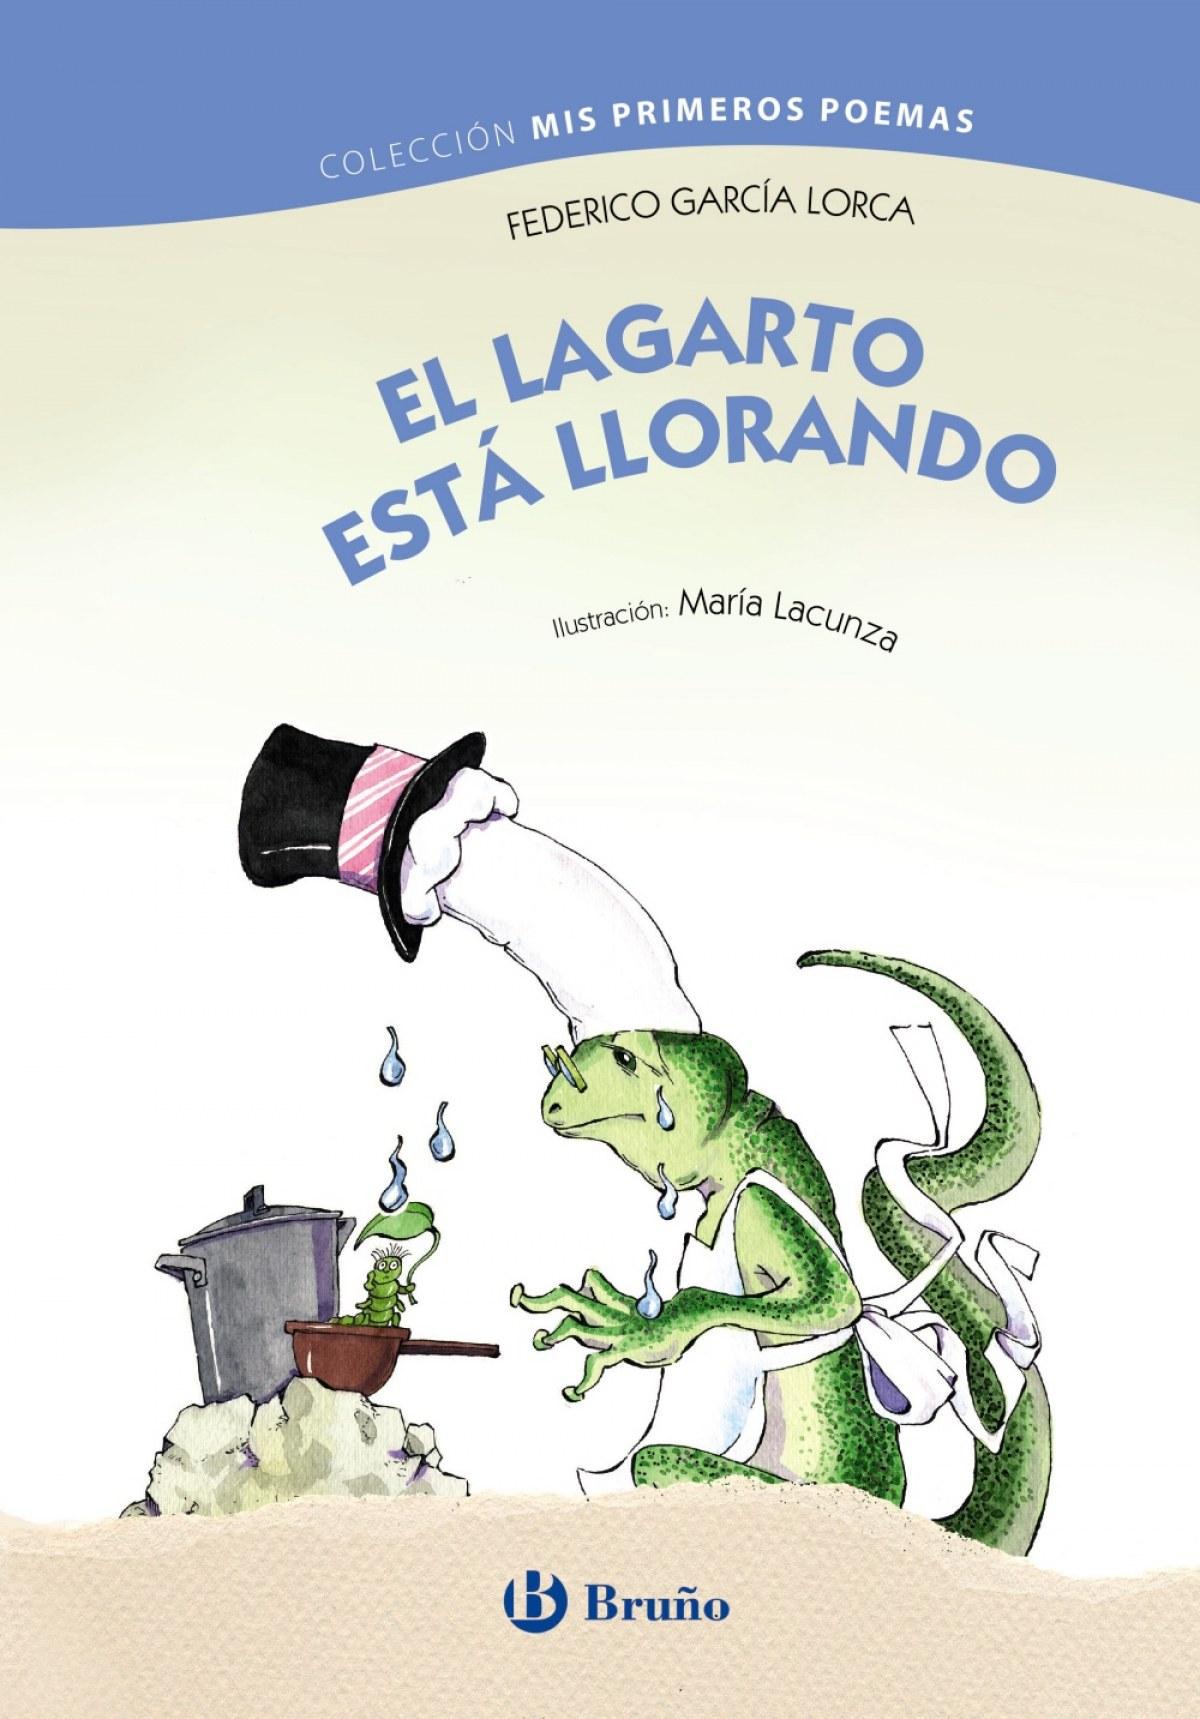 EL LAGARTO ESTA LLORANDO